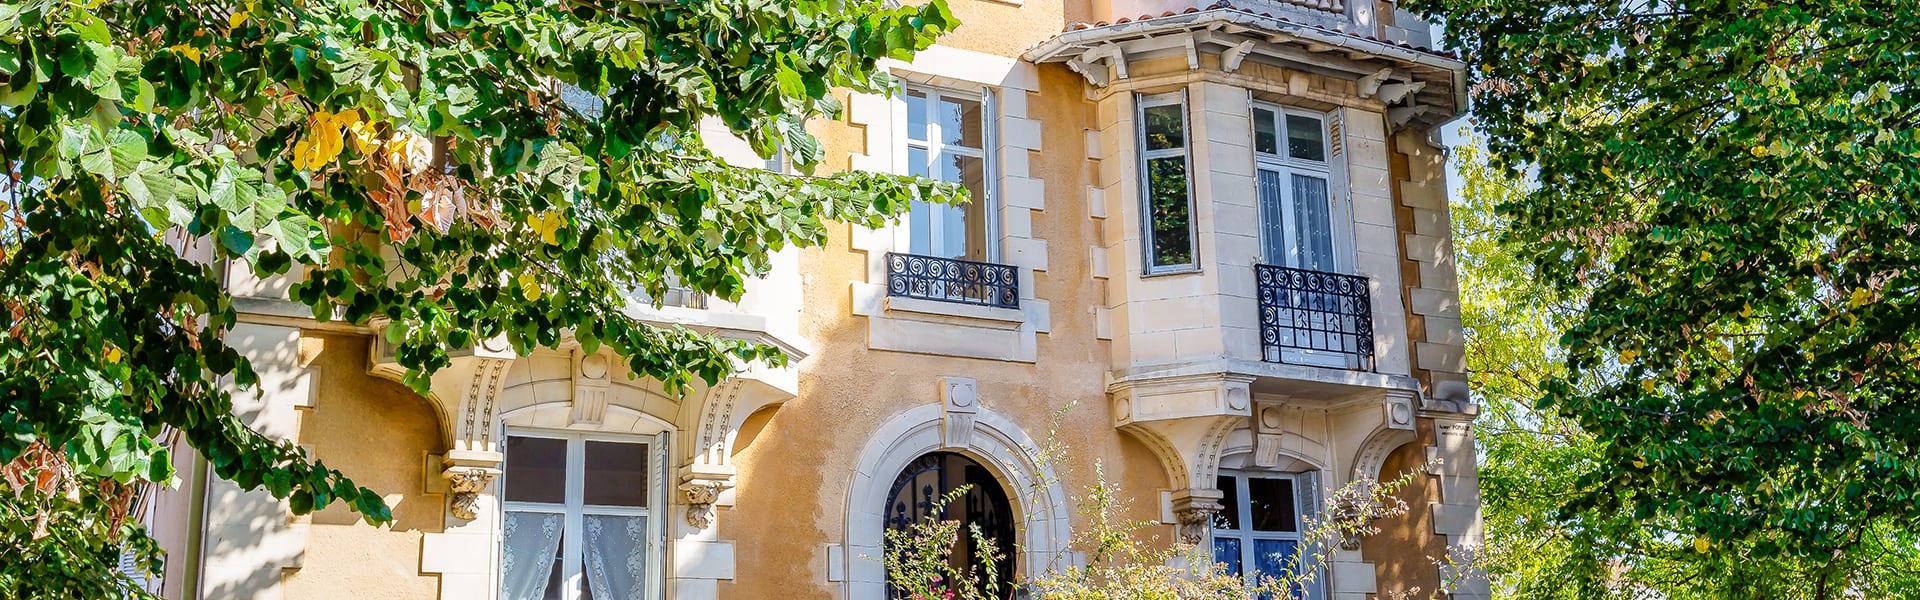 Résidence Thermalis façade